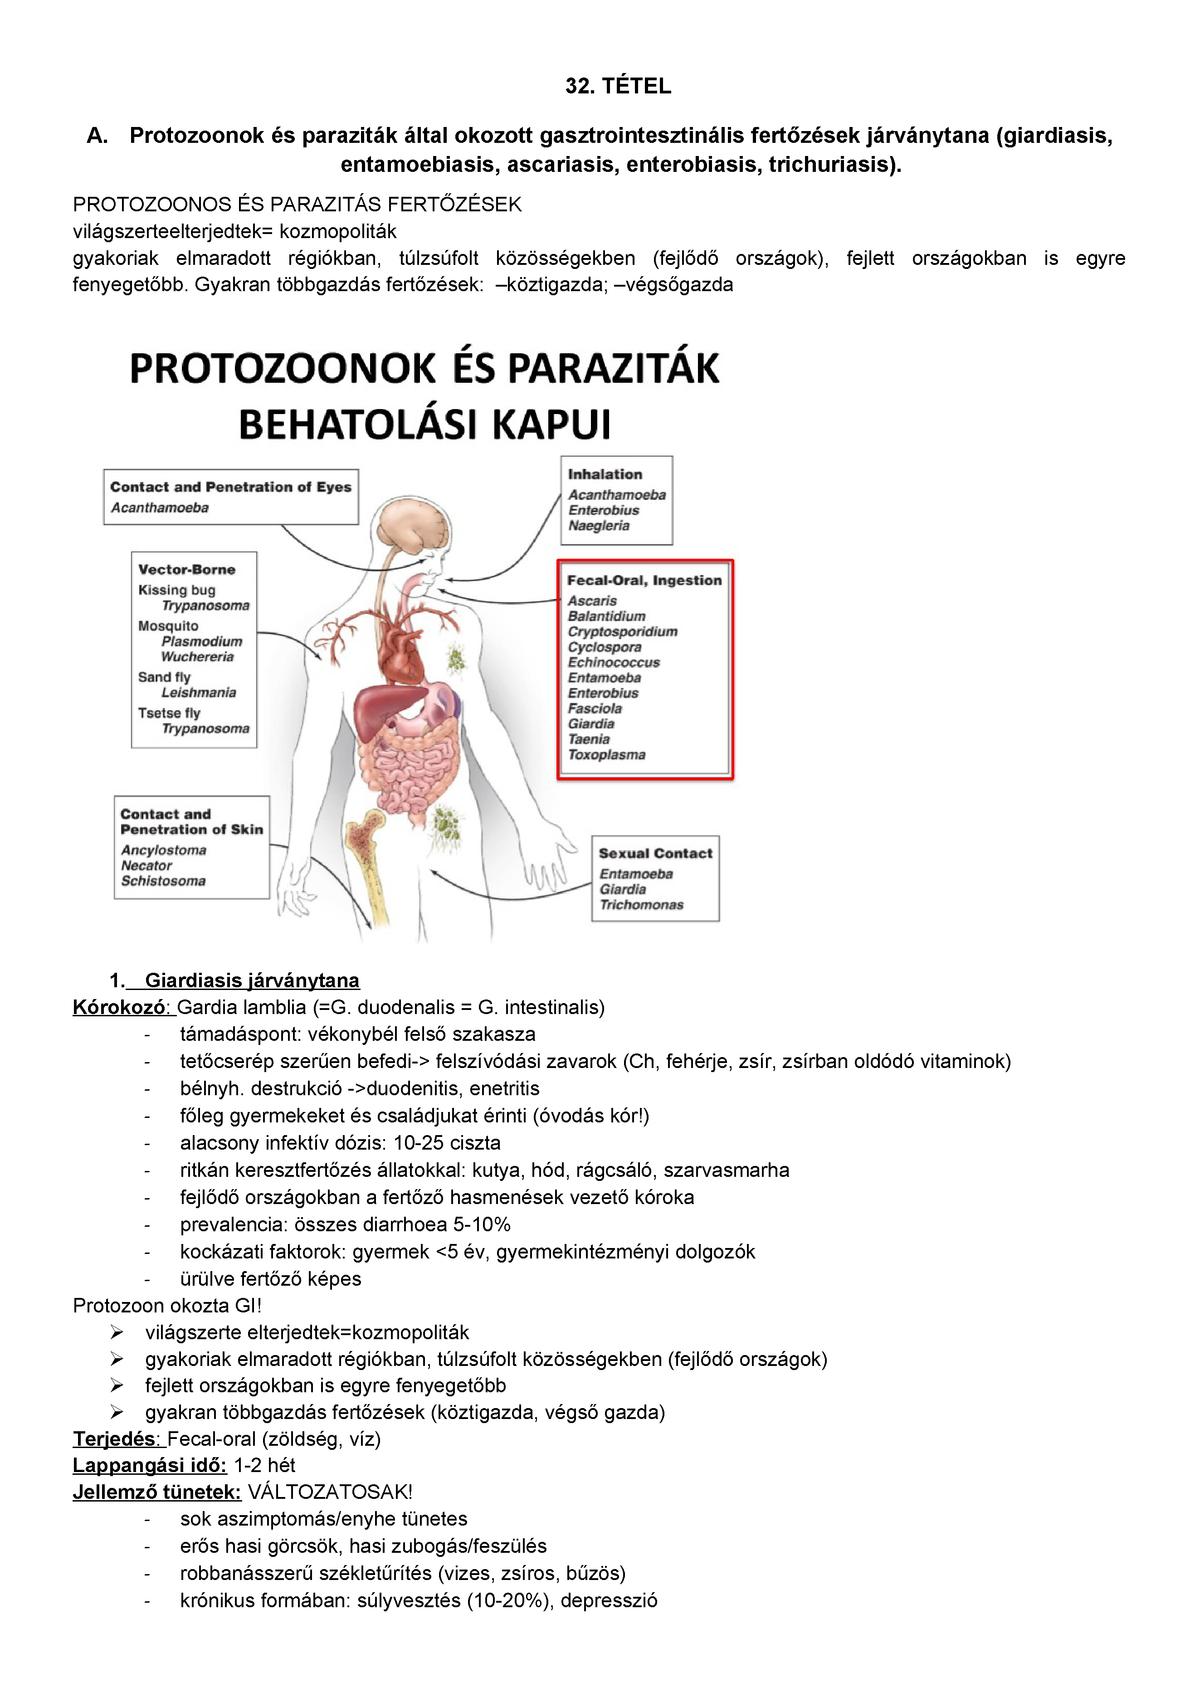 OTSZ Online - Schistosoma fertőzés Európában is - utazók figyelmébe! - Schistosomiasis paraziták